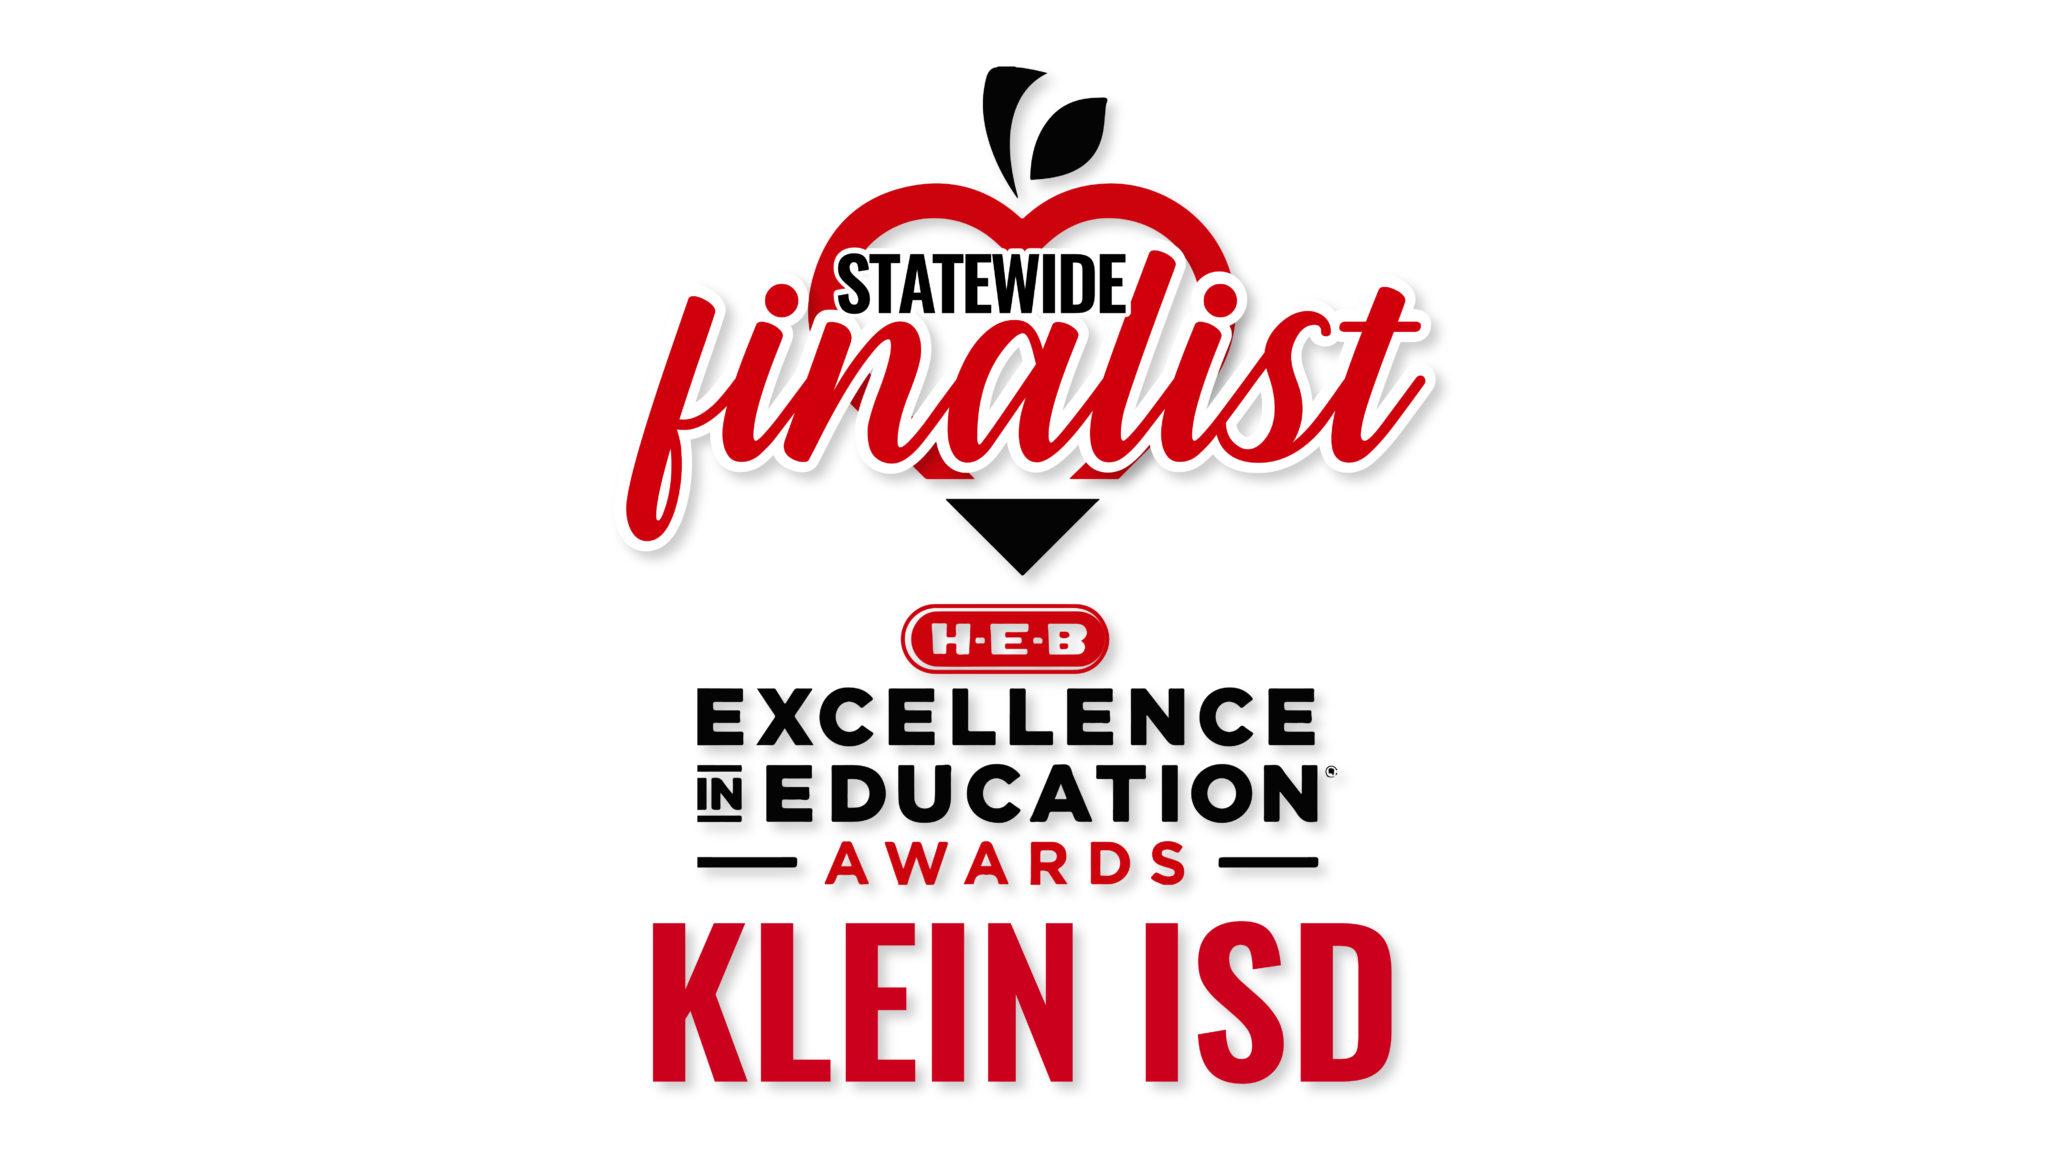 Klein ISD nombrado finalista estatal en los Premios HEB a la Excelencia en Educación 2019